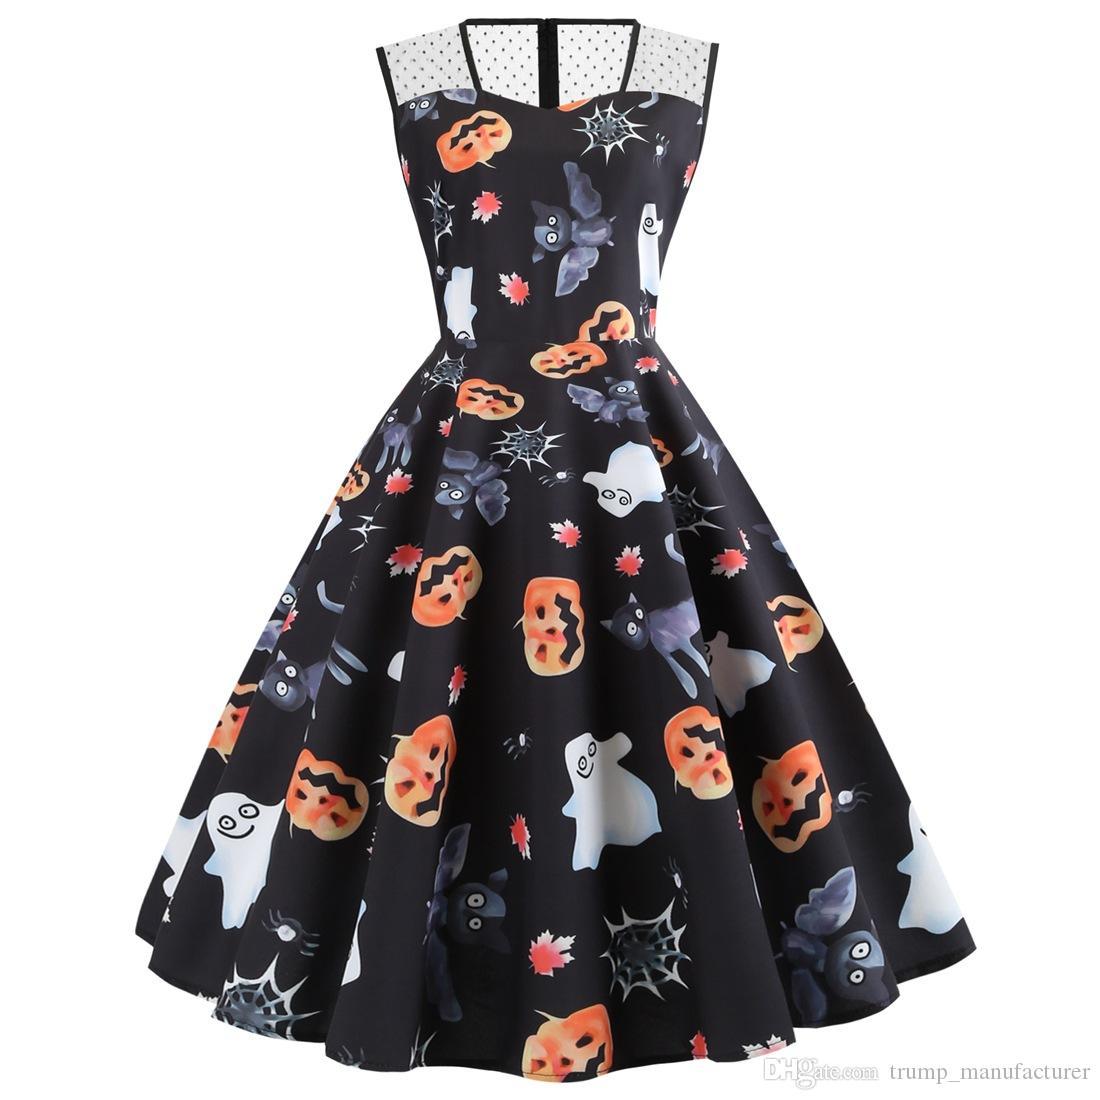 Halloween Frauen Art und Weise kleidet Kürbis Fledermaus Geist gedruckt Röcke Halloween-Kostüme für Erwachsene 2019 Mode Partykleid